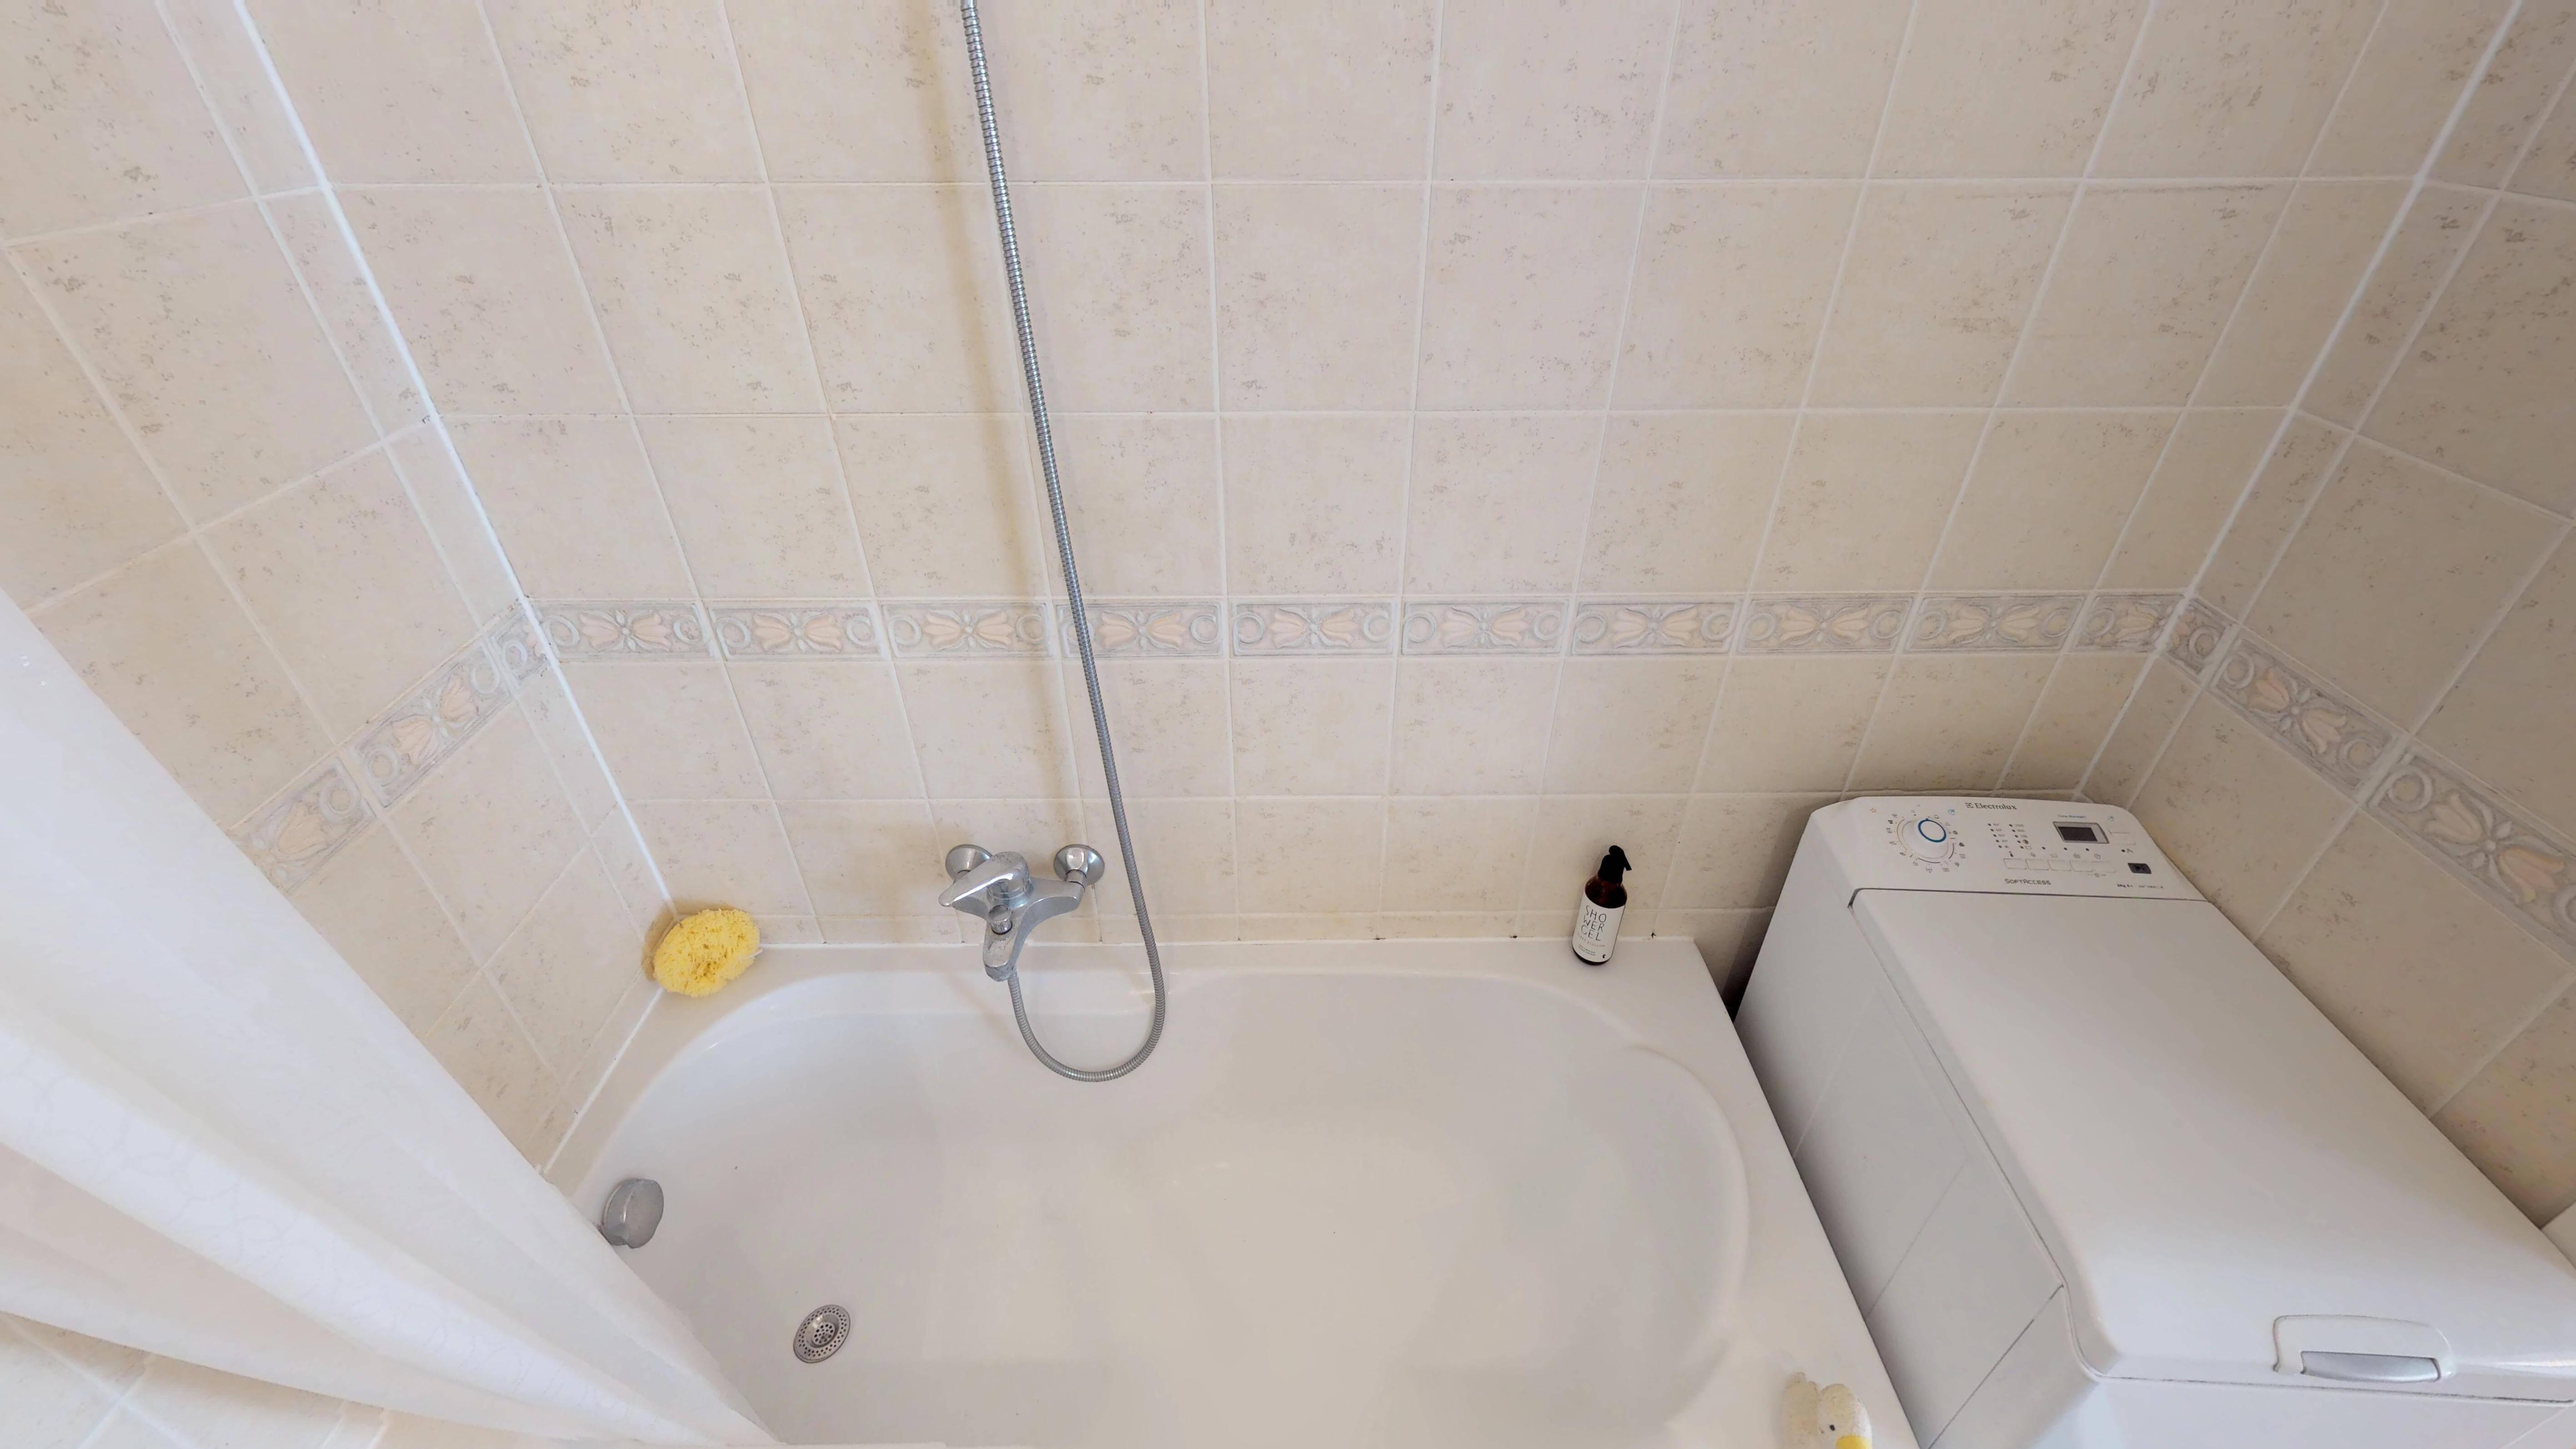 Predané Predaj exkluzívneho 3 izb. bytu,v Ružinove, ulica Palkovičová, blízko Trhoviska Miletičky v Bratislave, 68m2, kompletne zariadený-29